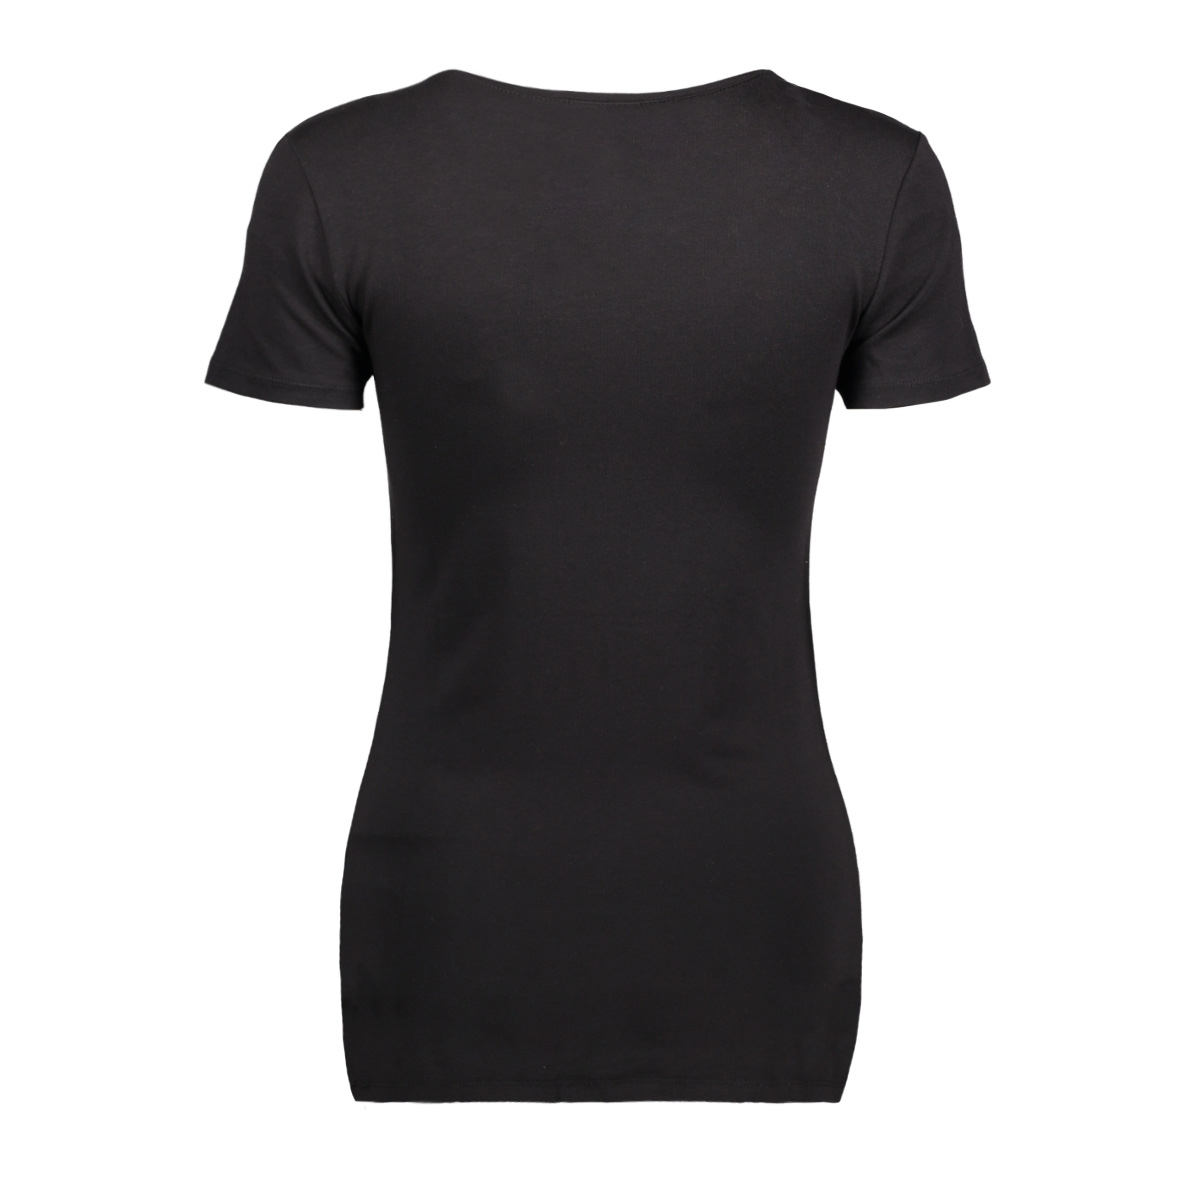 viofficiel s/s new top-noos 14040376 vila t-shirt black